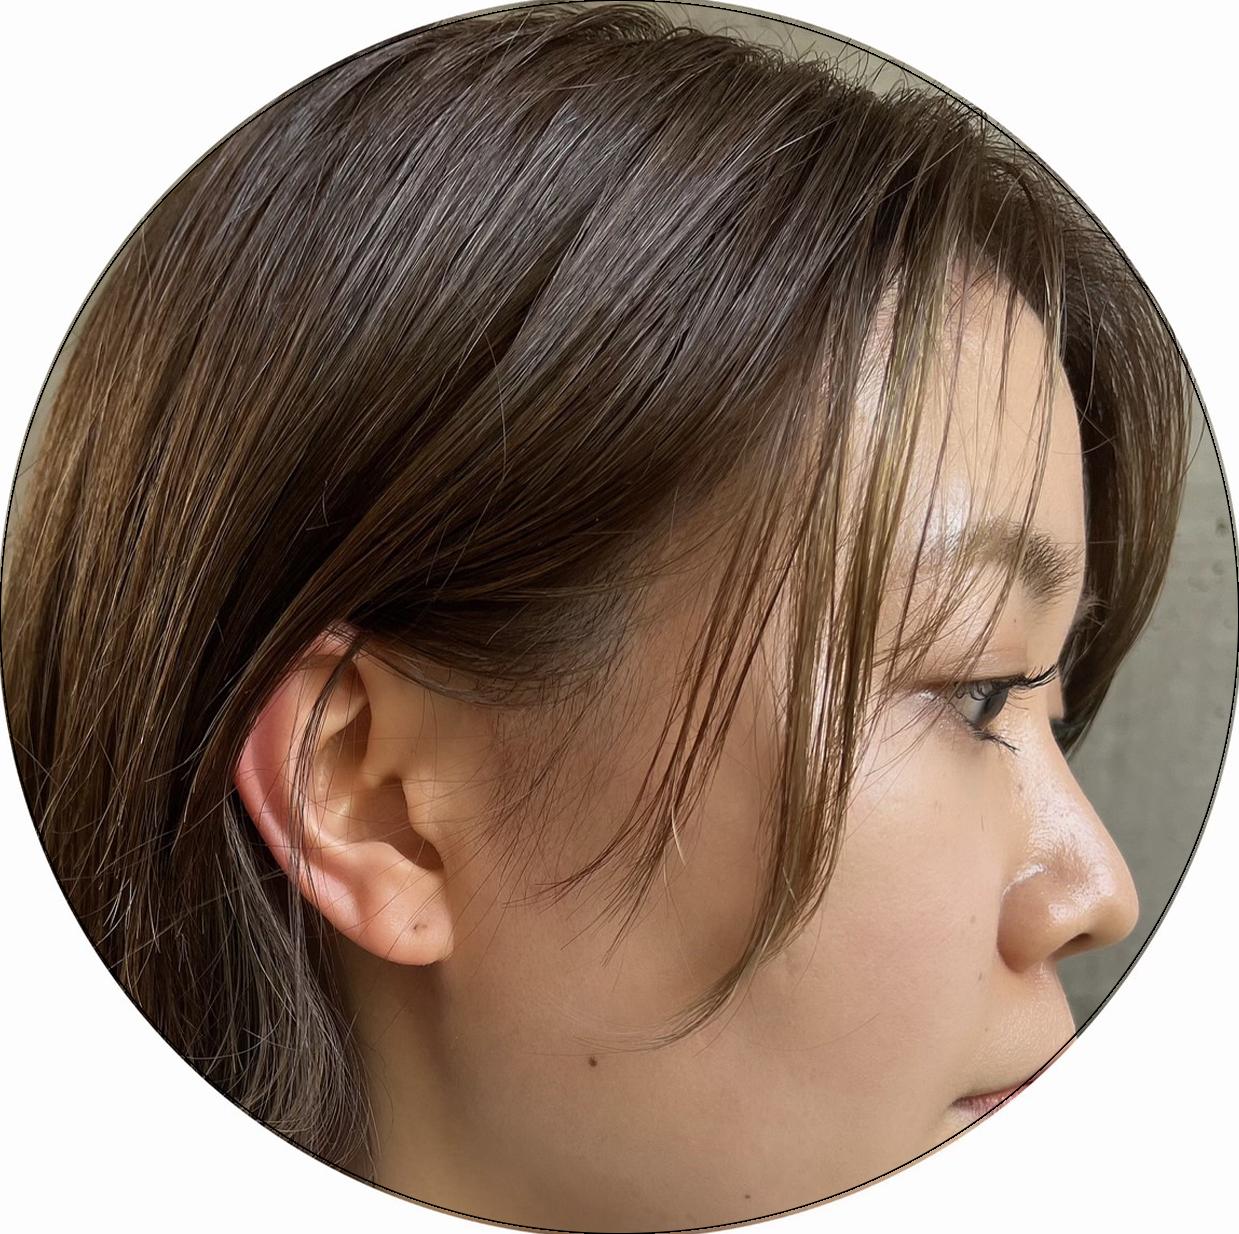 Gray color